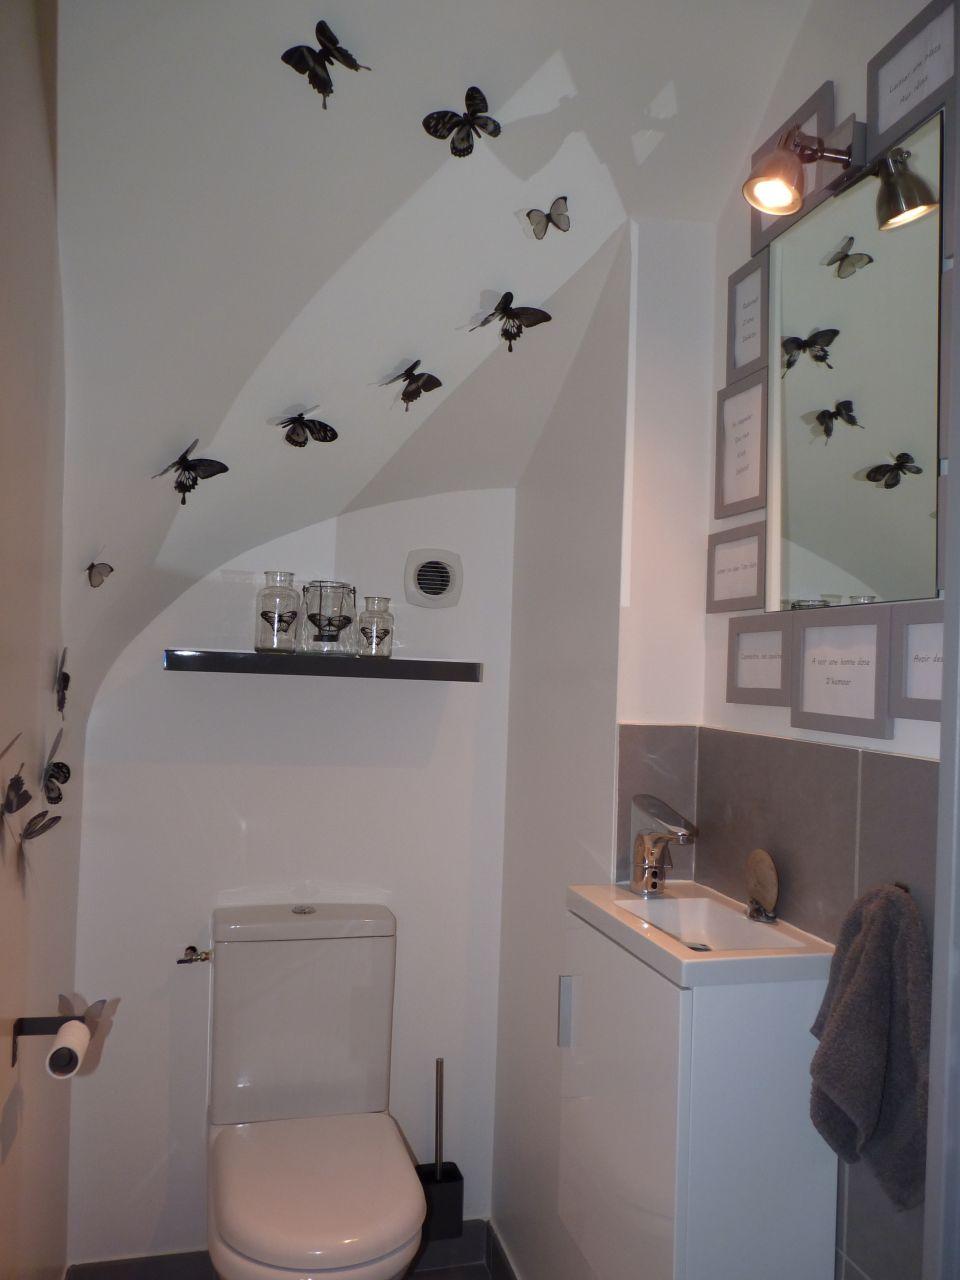 WC teintes murales grises - Savoie (73) - avril 2015